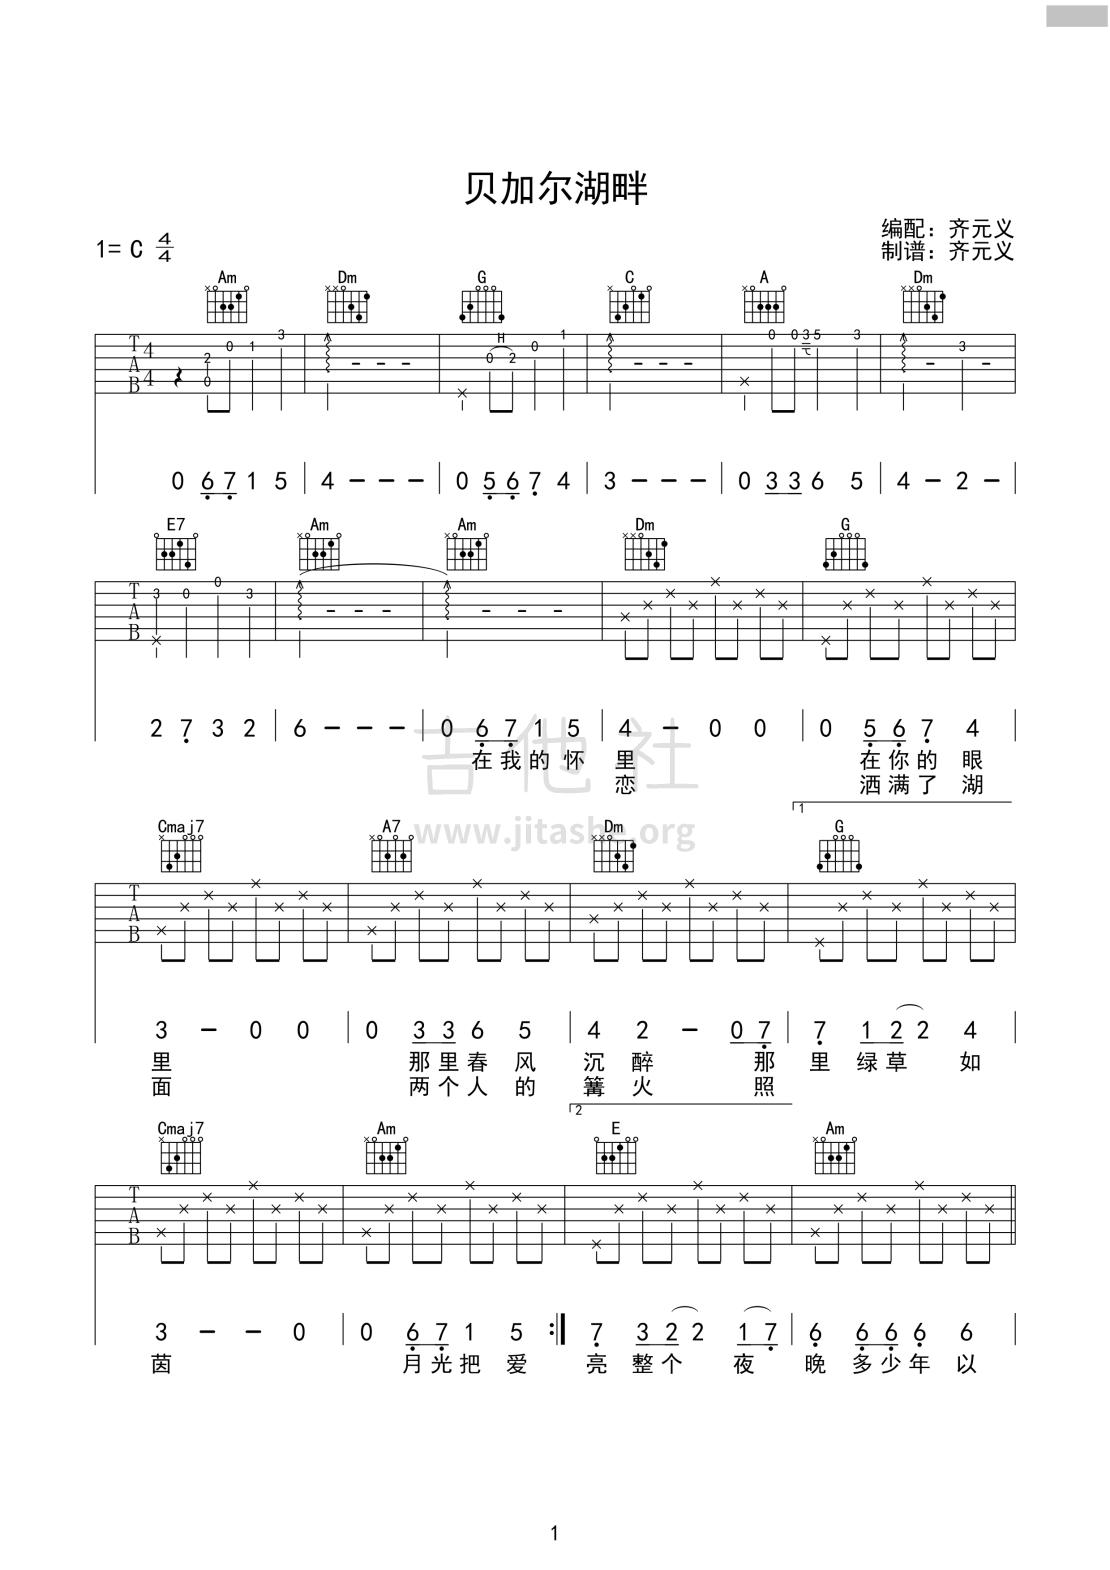 貝加爾湖畔吉他譜(圖片譜,彈唱,簡單版,c調)_李健_李健 貝加爾湖畔圖片